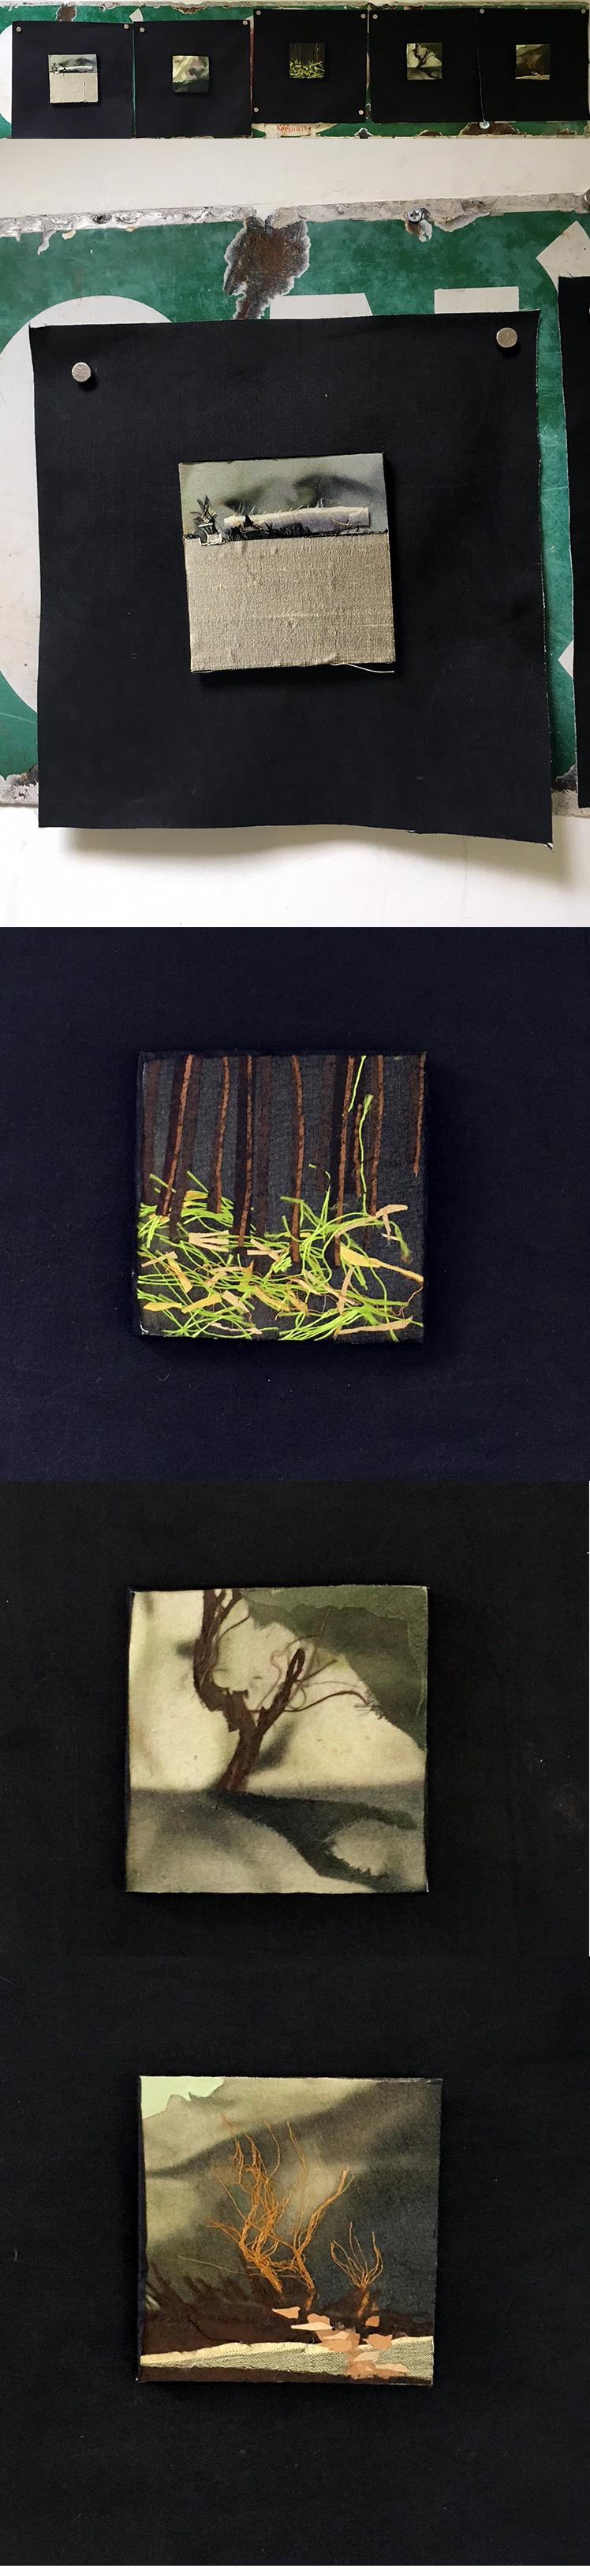 imagined silk landscapes.jpg